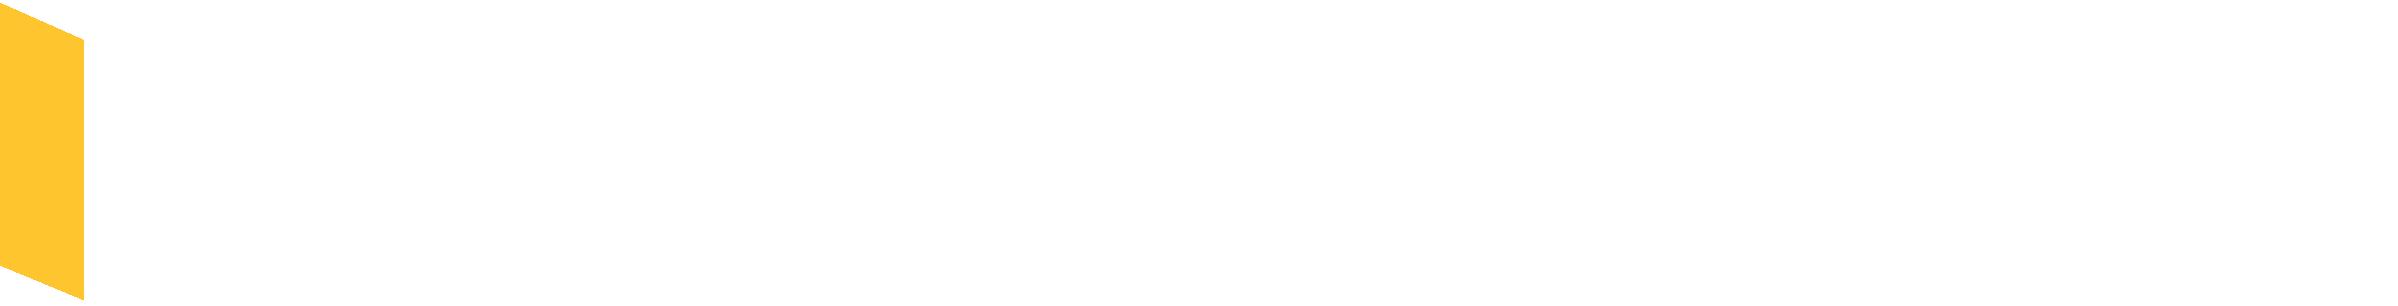 Fitchburg State Alumni & Friends Logo horizontal white